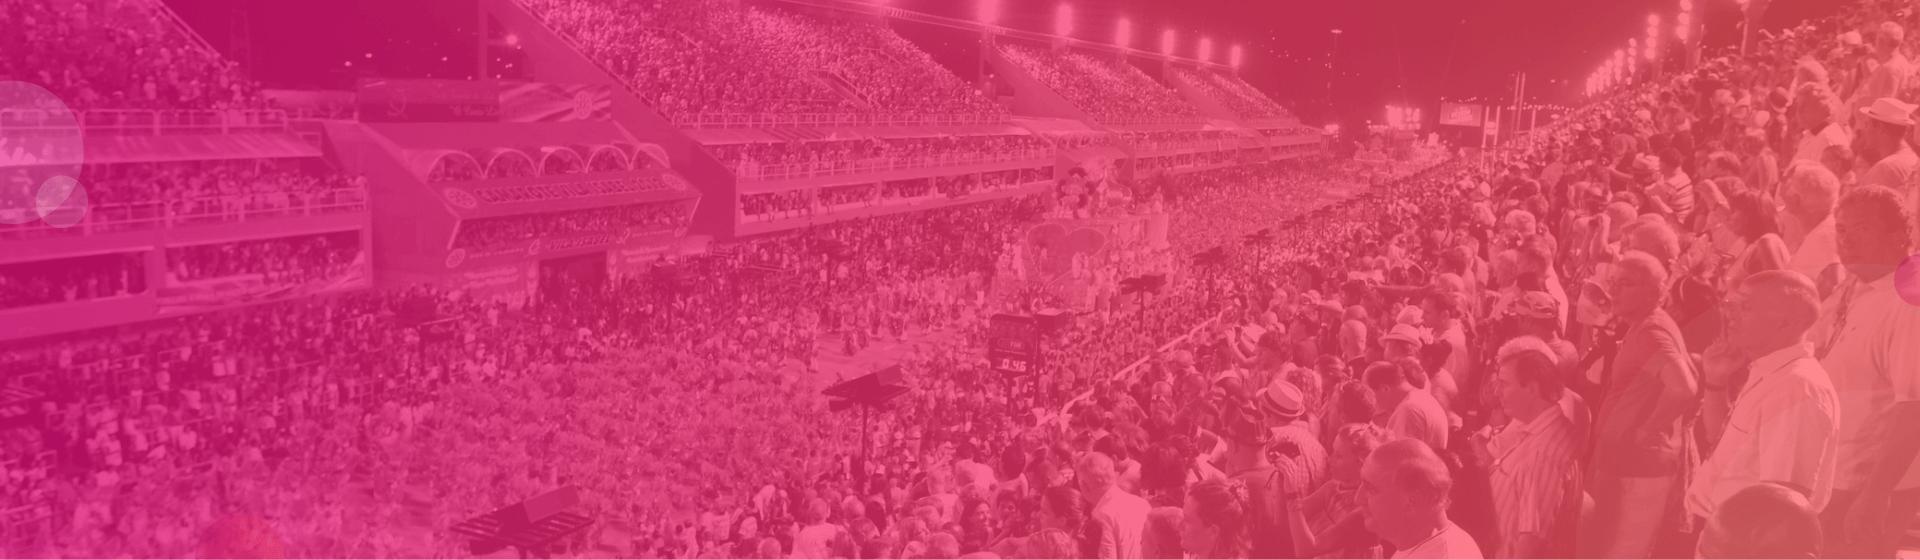 Le Carnaval de Rio et l'Étiquette de Parade